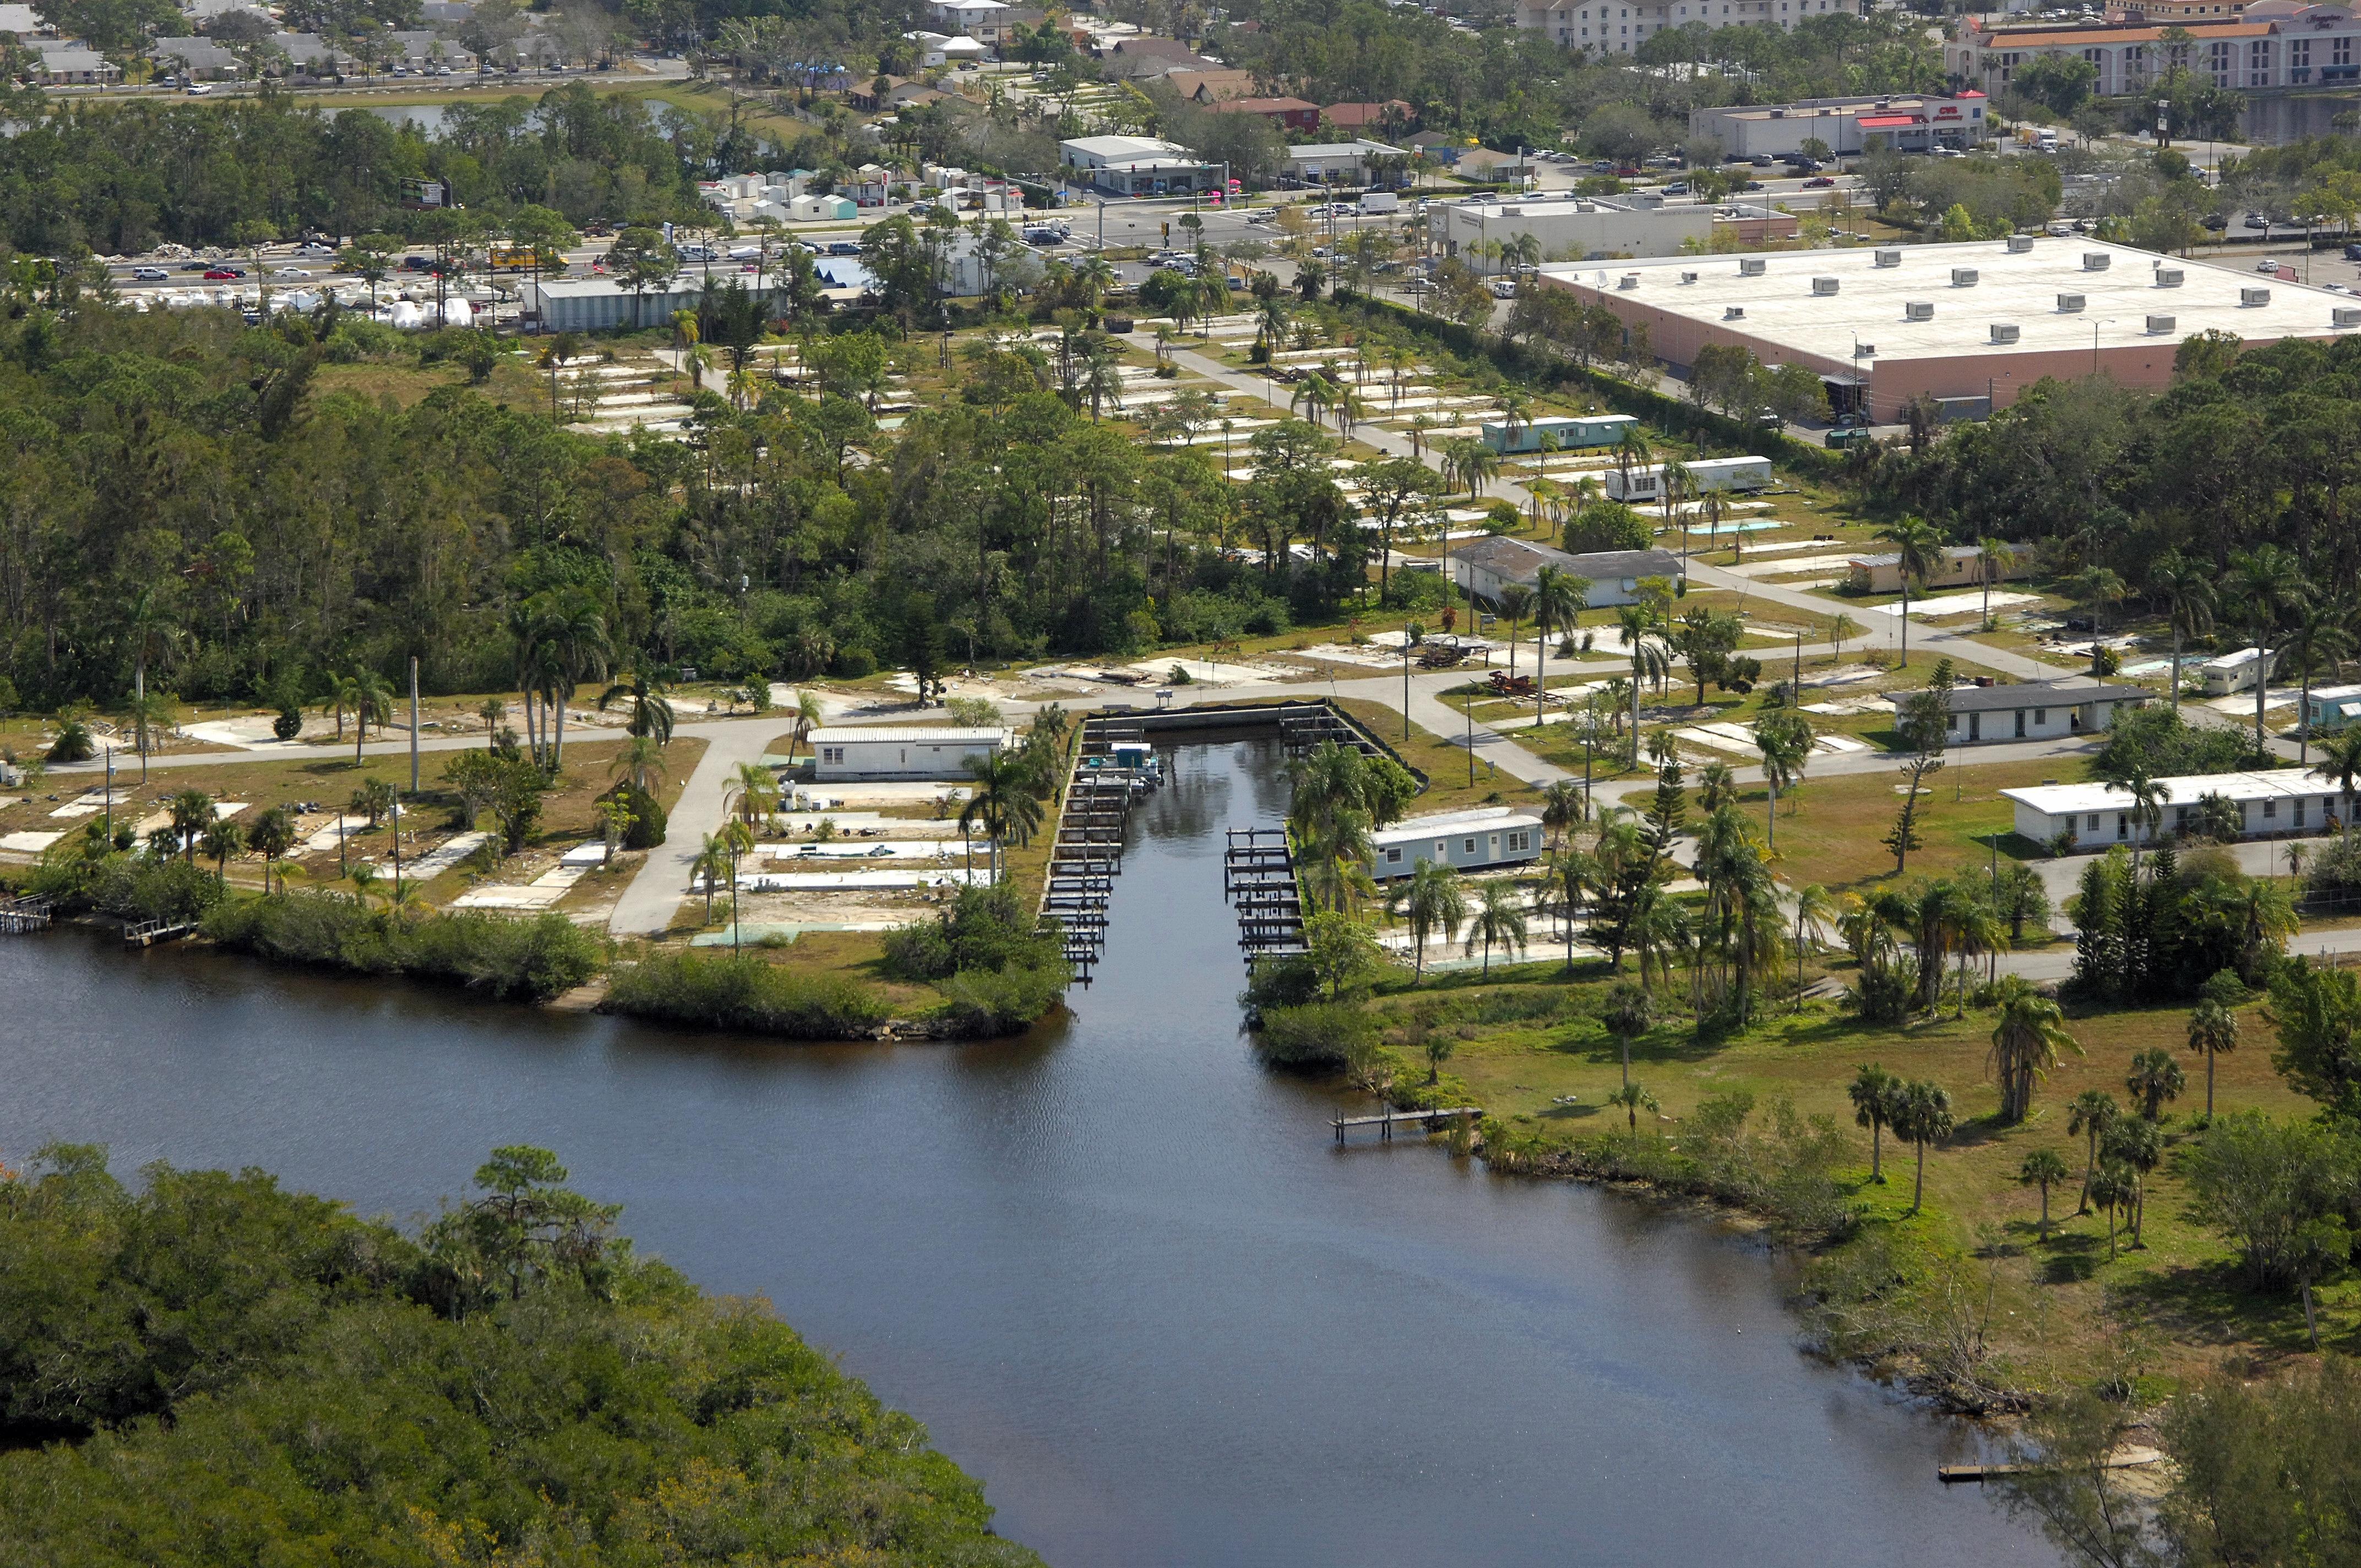 Anglers Paradise of Bonita Springs in Bonita Springs, FL, United